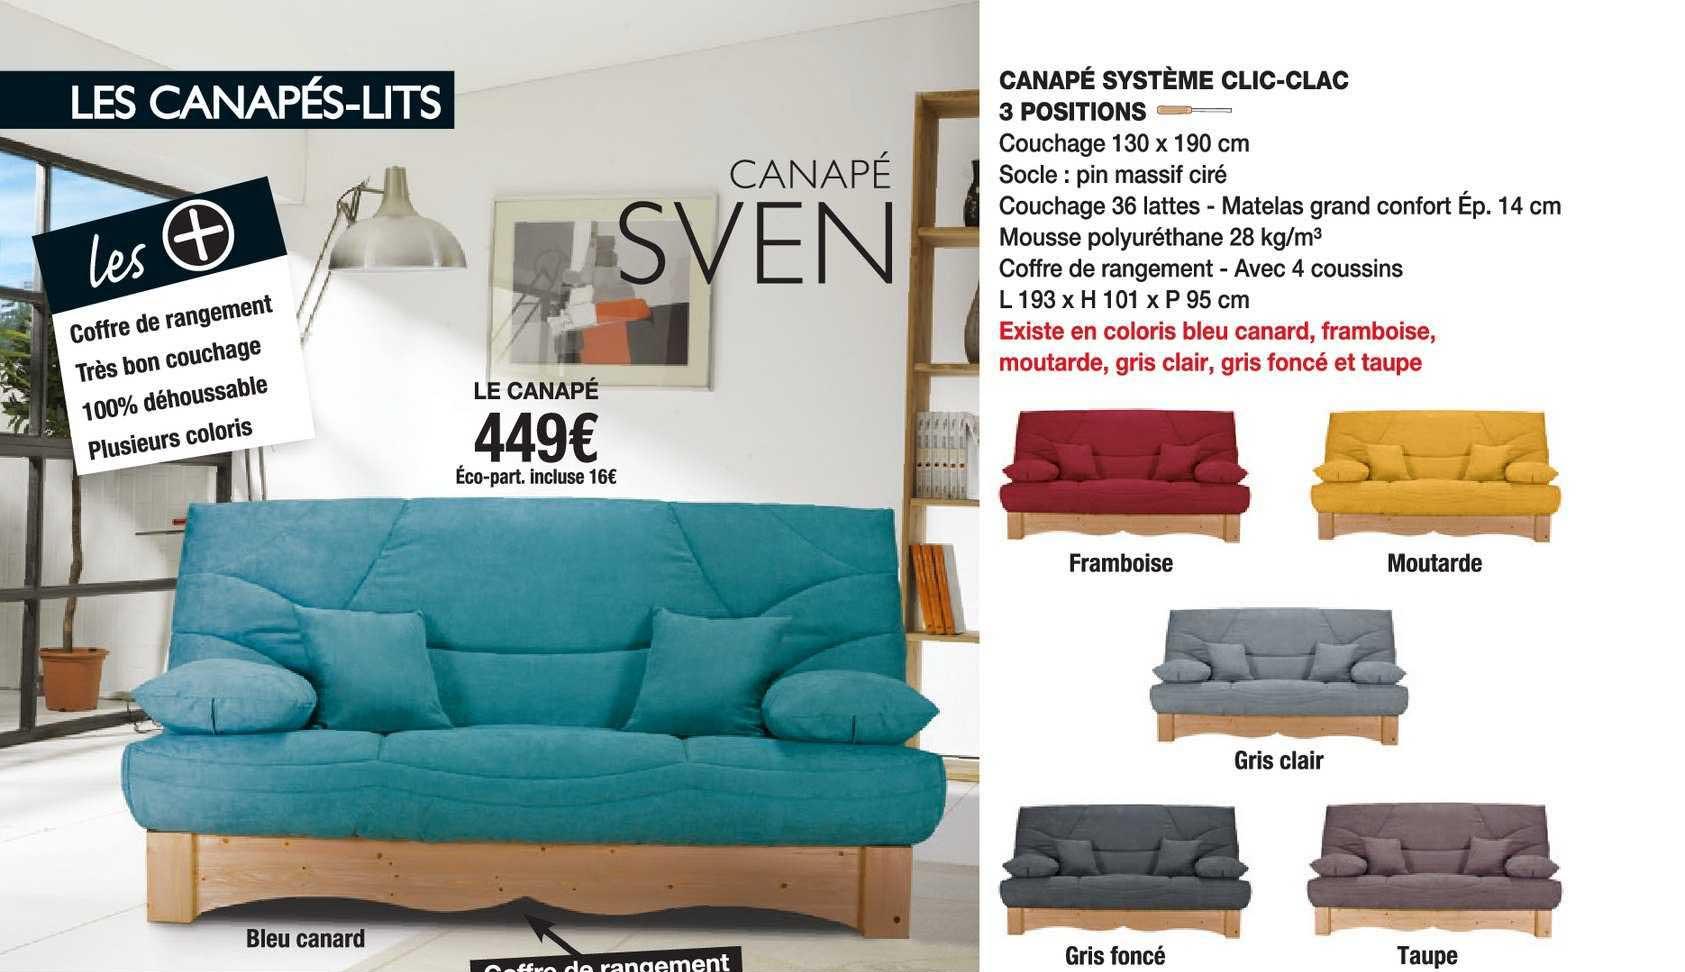 Cocktail Scandinave Canapé Sven : Système Clic-clac 3 Positions